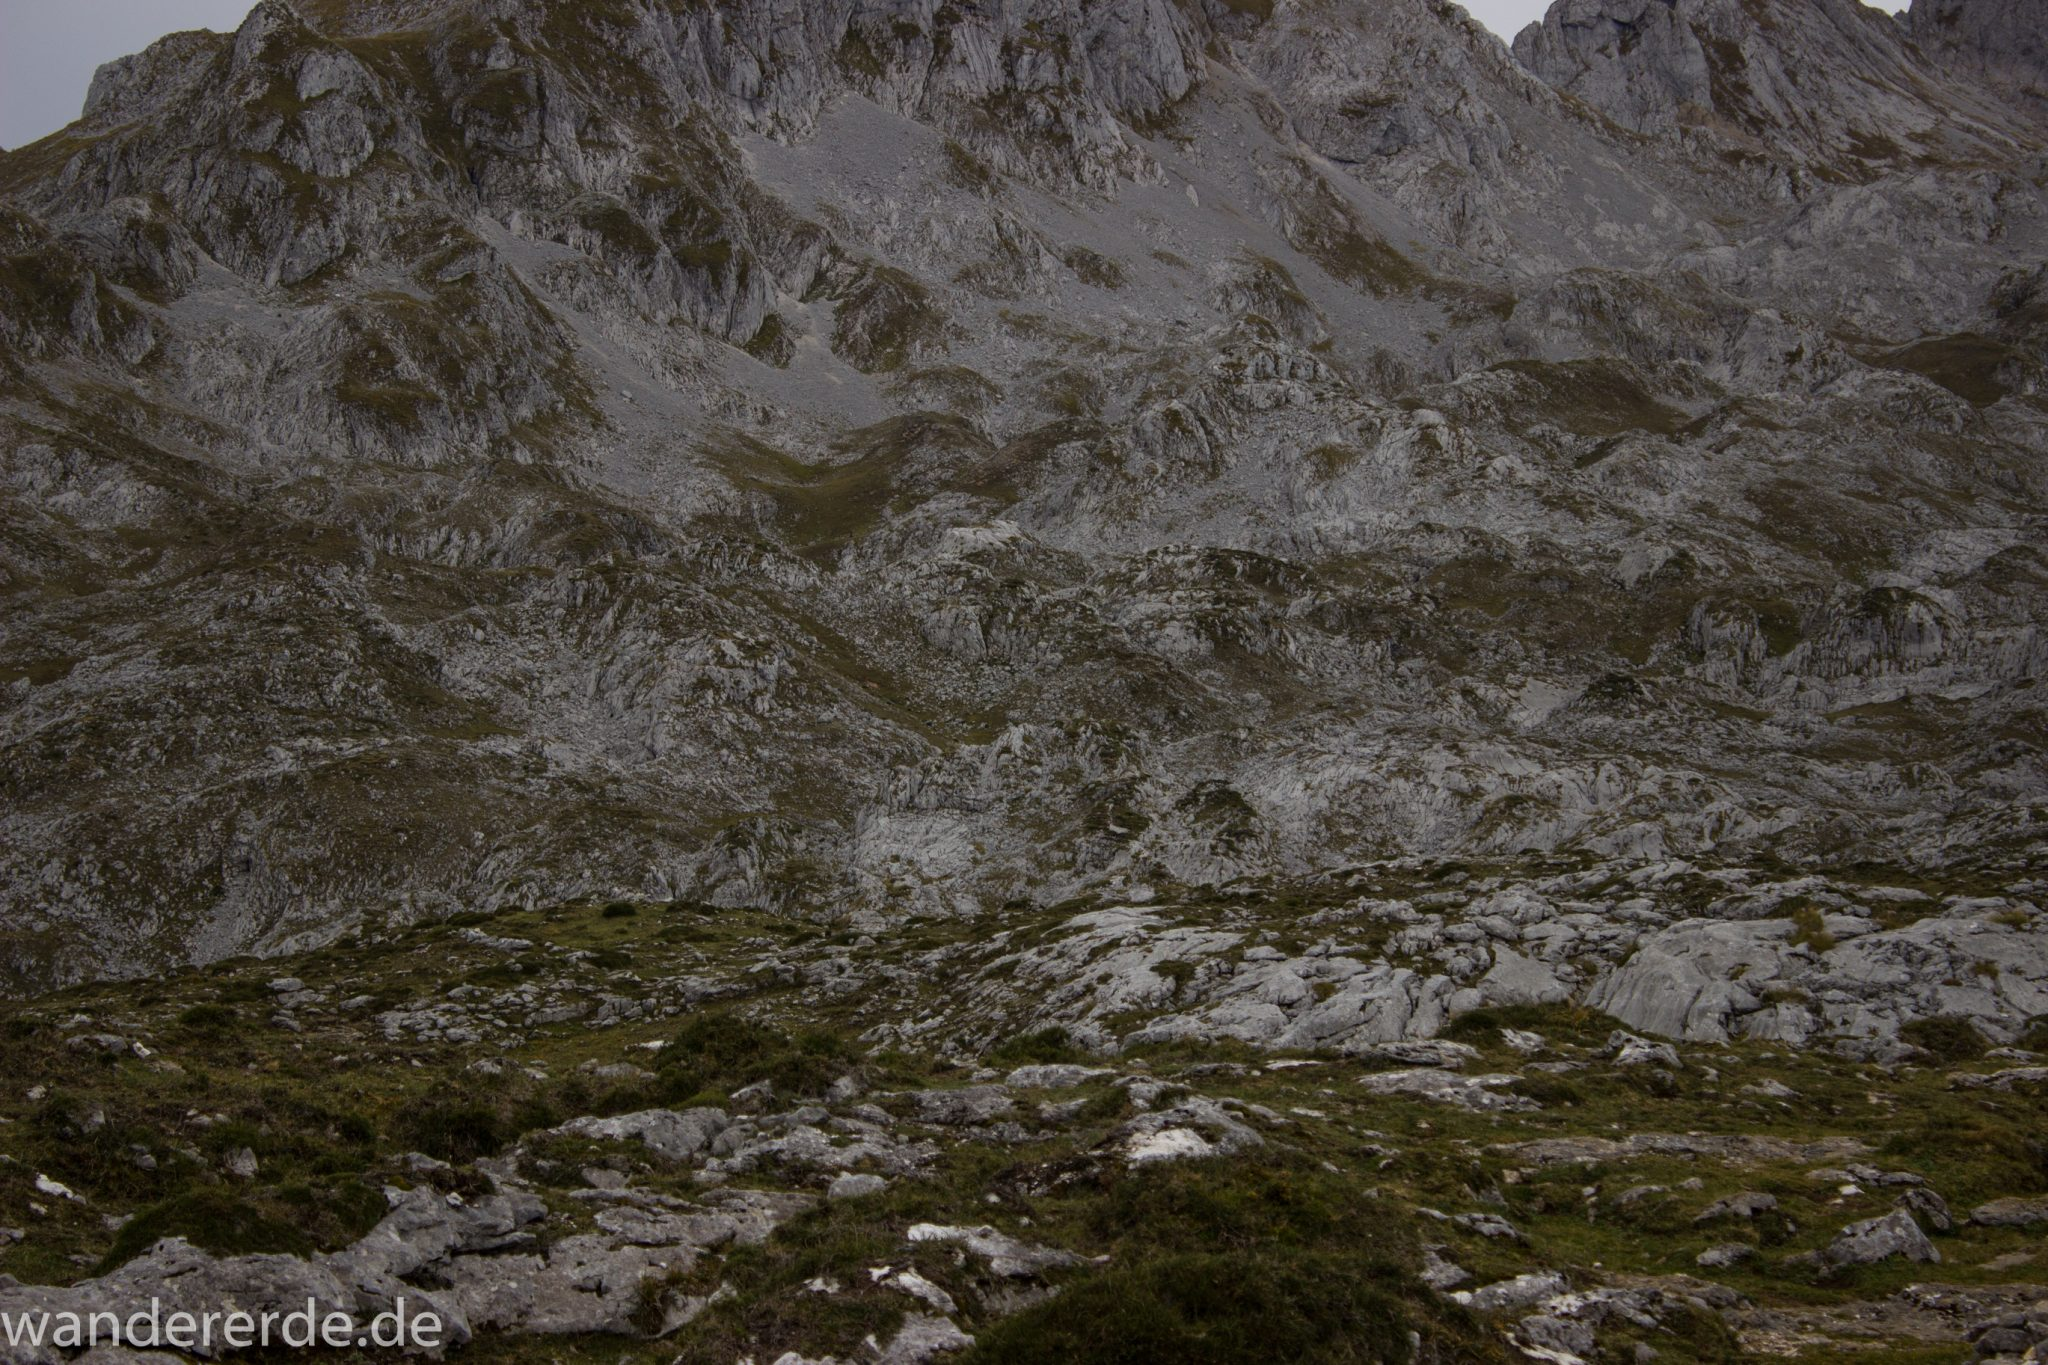 Wanderung Vega de Ario Picos de Europa Spanien, Bergregion in Nordspanien, Wandern, Felswand, beeindruckende Berge, Steine, Wolken, atmosphärisch, Bergkette